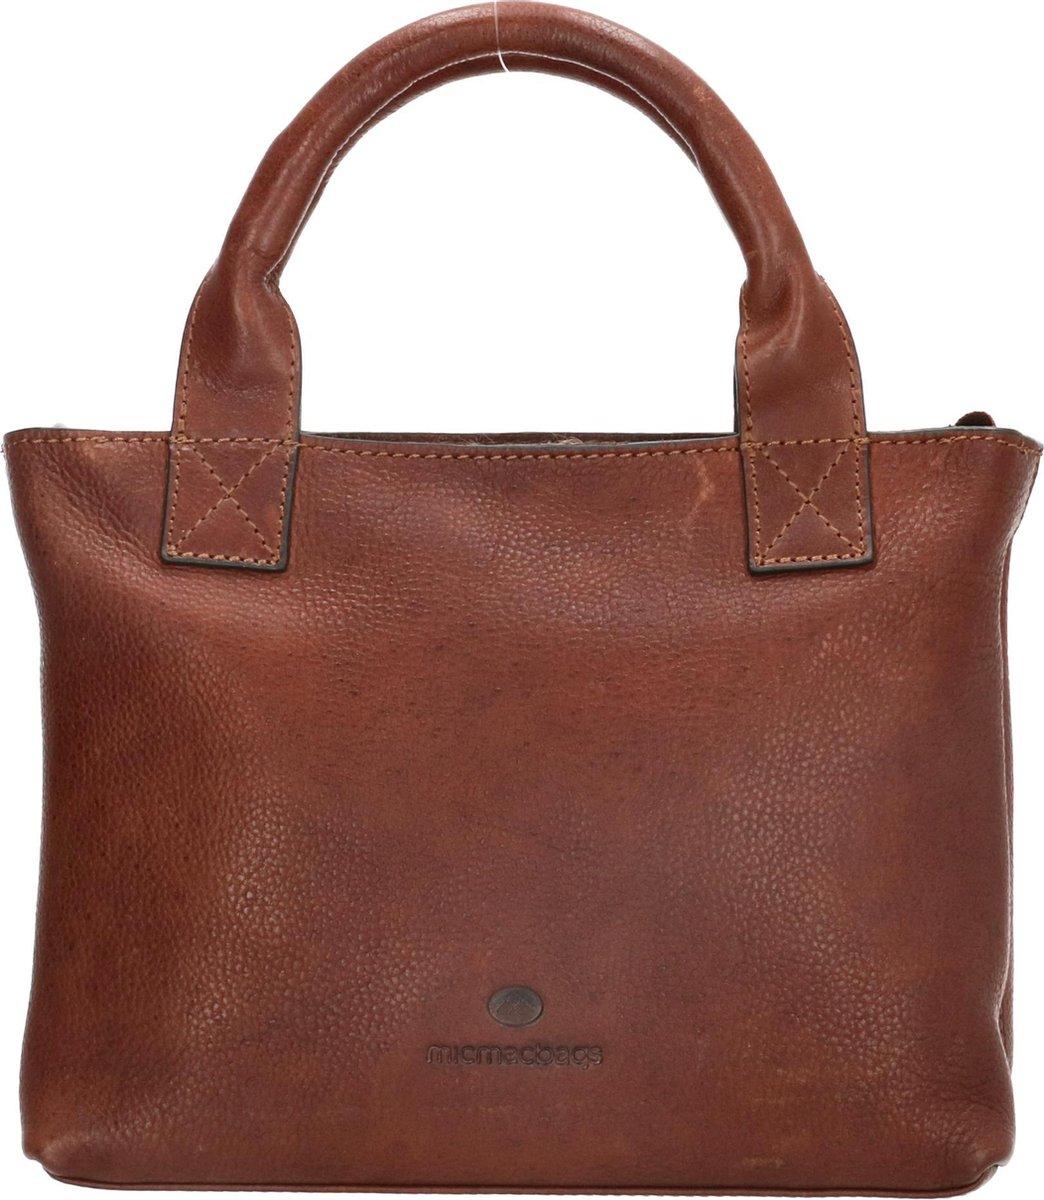 Ontdek de wereld in stijl met de tassen uit de Micmacbags Discover collectie, voor ieder avontuur bevat deze collectie een geschikte tas. Voor een verre trip of een dagje uit, met deze tassen ben jij klaar voor elke uitdaging doe op je pas komt. Deze mooie leren shopper Micmacbags Discover The Weekend Getaway Shopper Medium 17773 Bruin is gemaakt van 100% rundleer, de bruine shopper heeft een tijdloze en stijlvolle uitstraling. Door de twee stevige handvatten is de tas makkelijk op te pakken, tevens heeft deze shopper tas een extra meegeleverde lange verstelbare en afneembare schouderband. Het hoofdcompartiment is afsluitbaar middels een ritssluiting, binnenin bevindt zich een tussenschot met ritsvak en aan de zijkant nog een extra handig ritsvak. De metalen onderdelen en details zijn uitgevoerd in gun metal. Wij zijn officiële Micmacbags dealer, dus u kunt natuurlijk rekenen op een volledige garantie. Materiaal: 100% echt rundleer Breedte: 42 cm Hoogte: 24 cm Diepte: 13 cm Kleur: Donkerbruin Garantie: 1 jaar Artikelnummer: 17773 EAN-nummer: 8717924187756 - 0